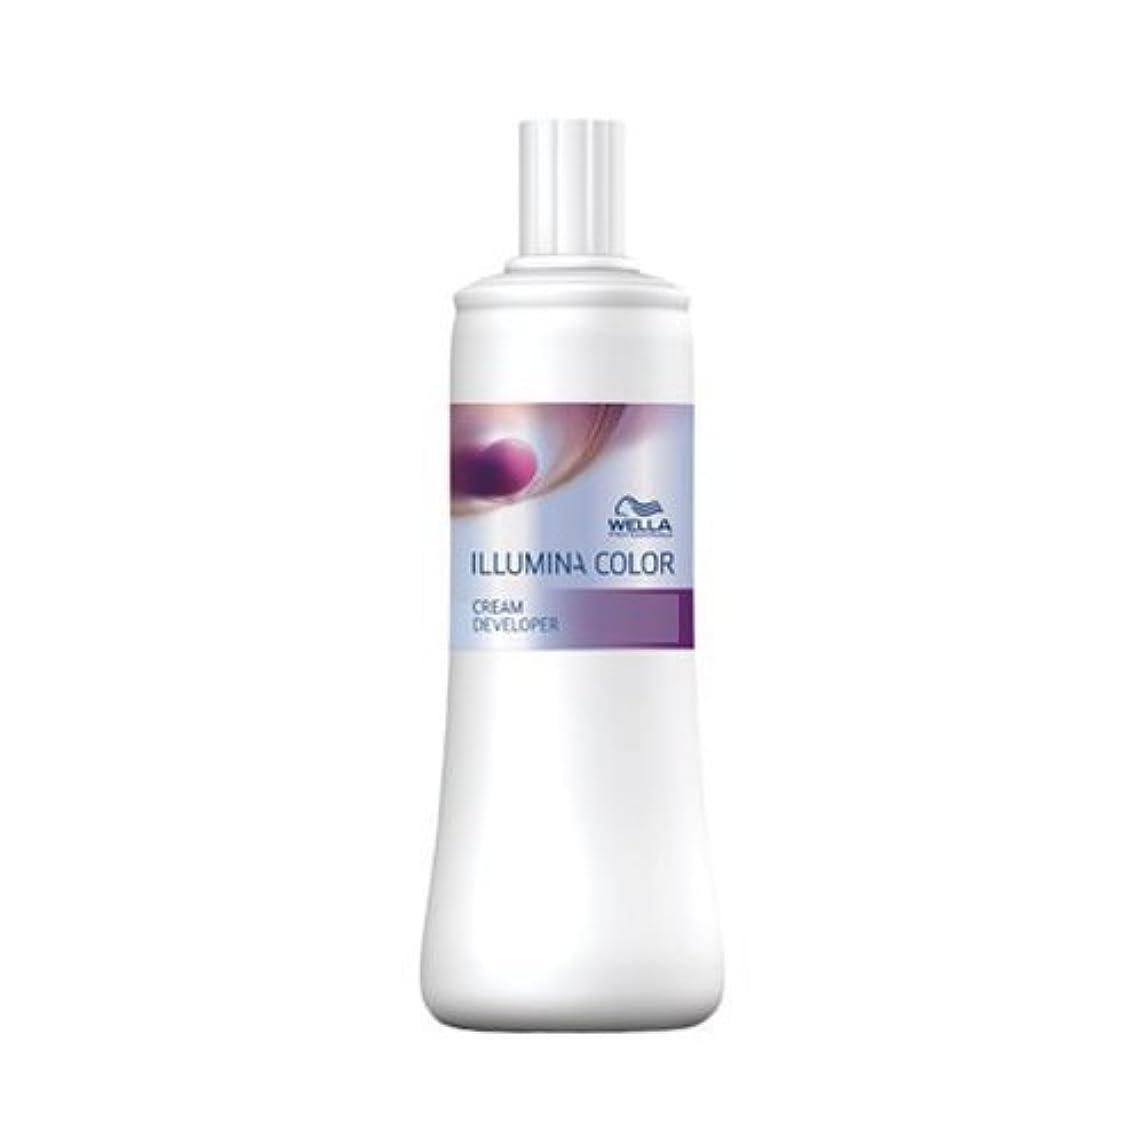 控えめな割り当てるワームウエラ イルミナカラー クリーム ディベロッパー 1.5% 1000ml(2剤)